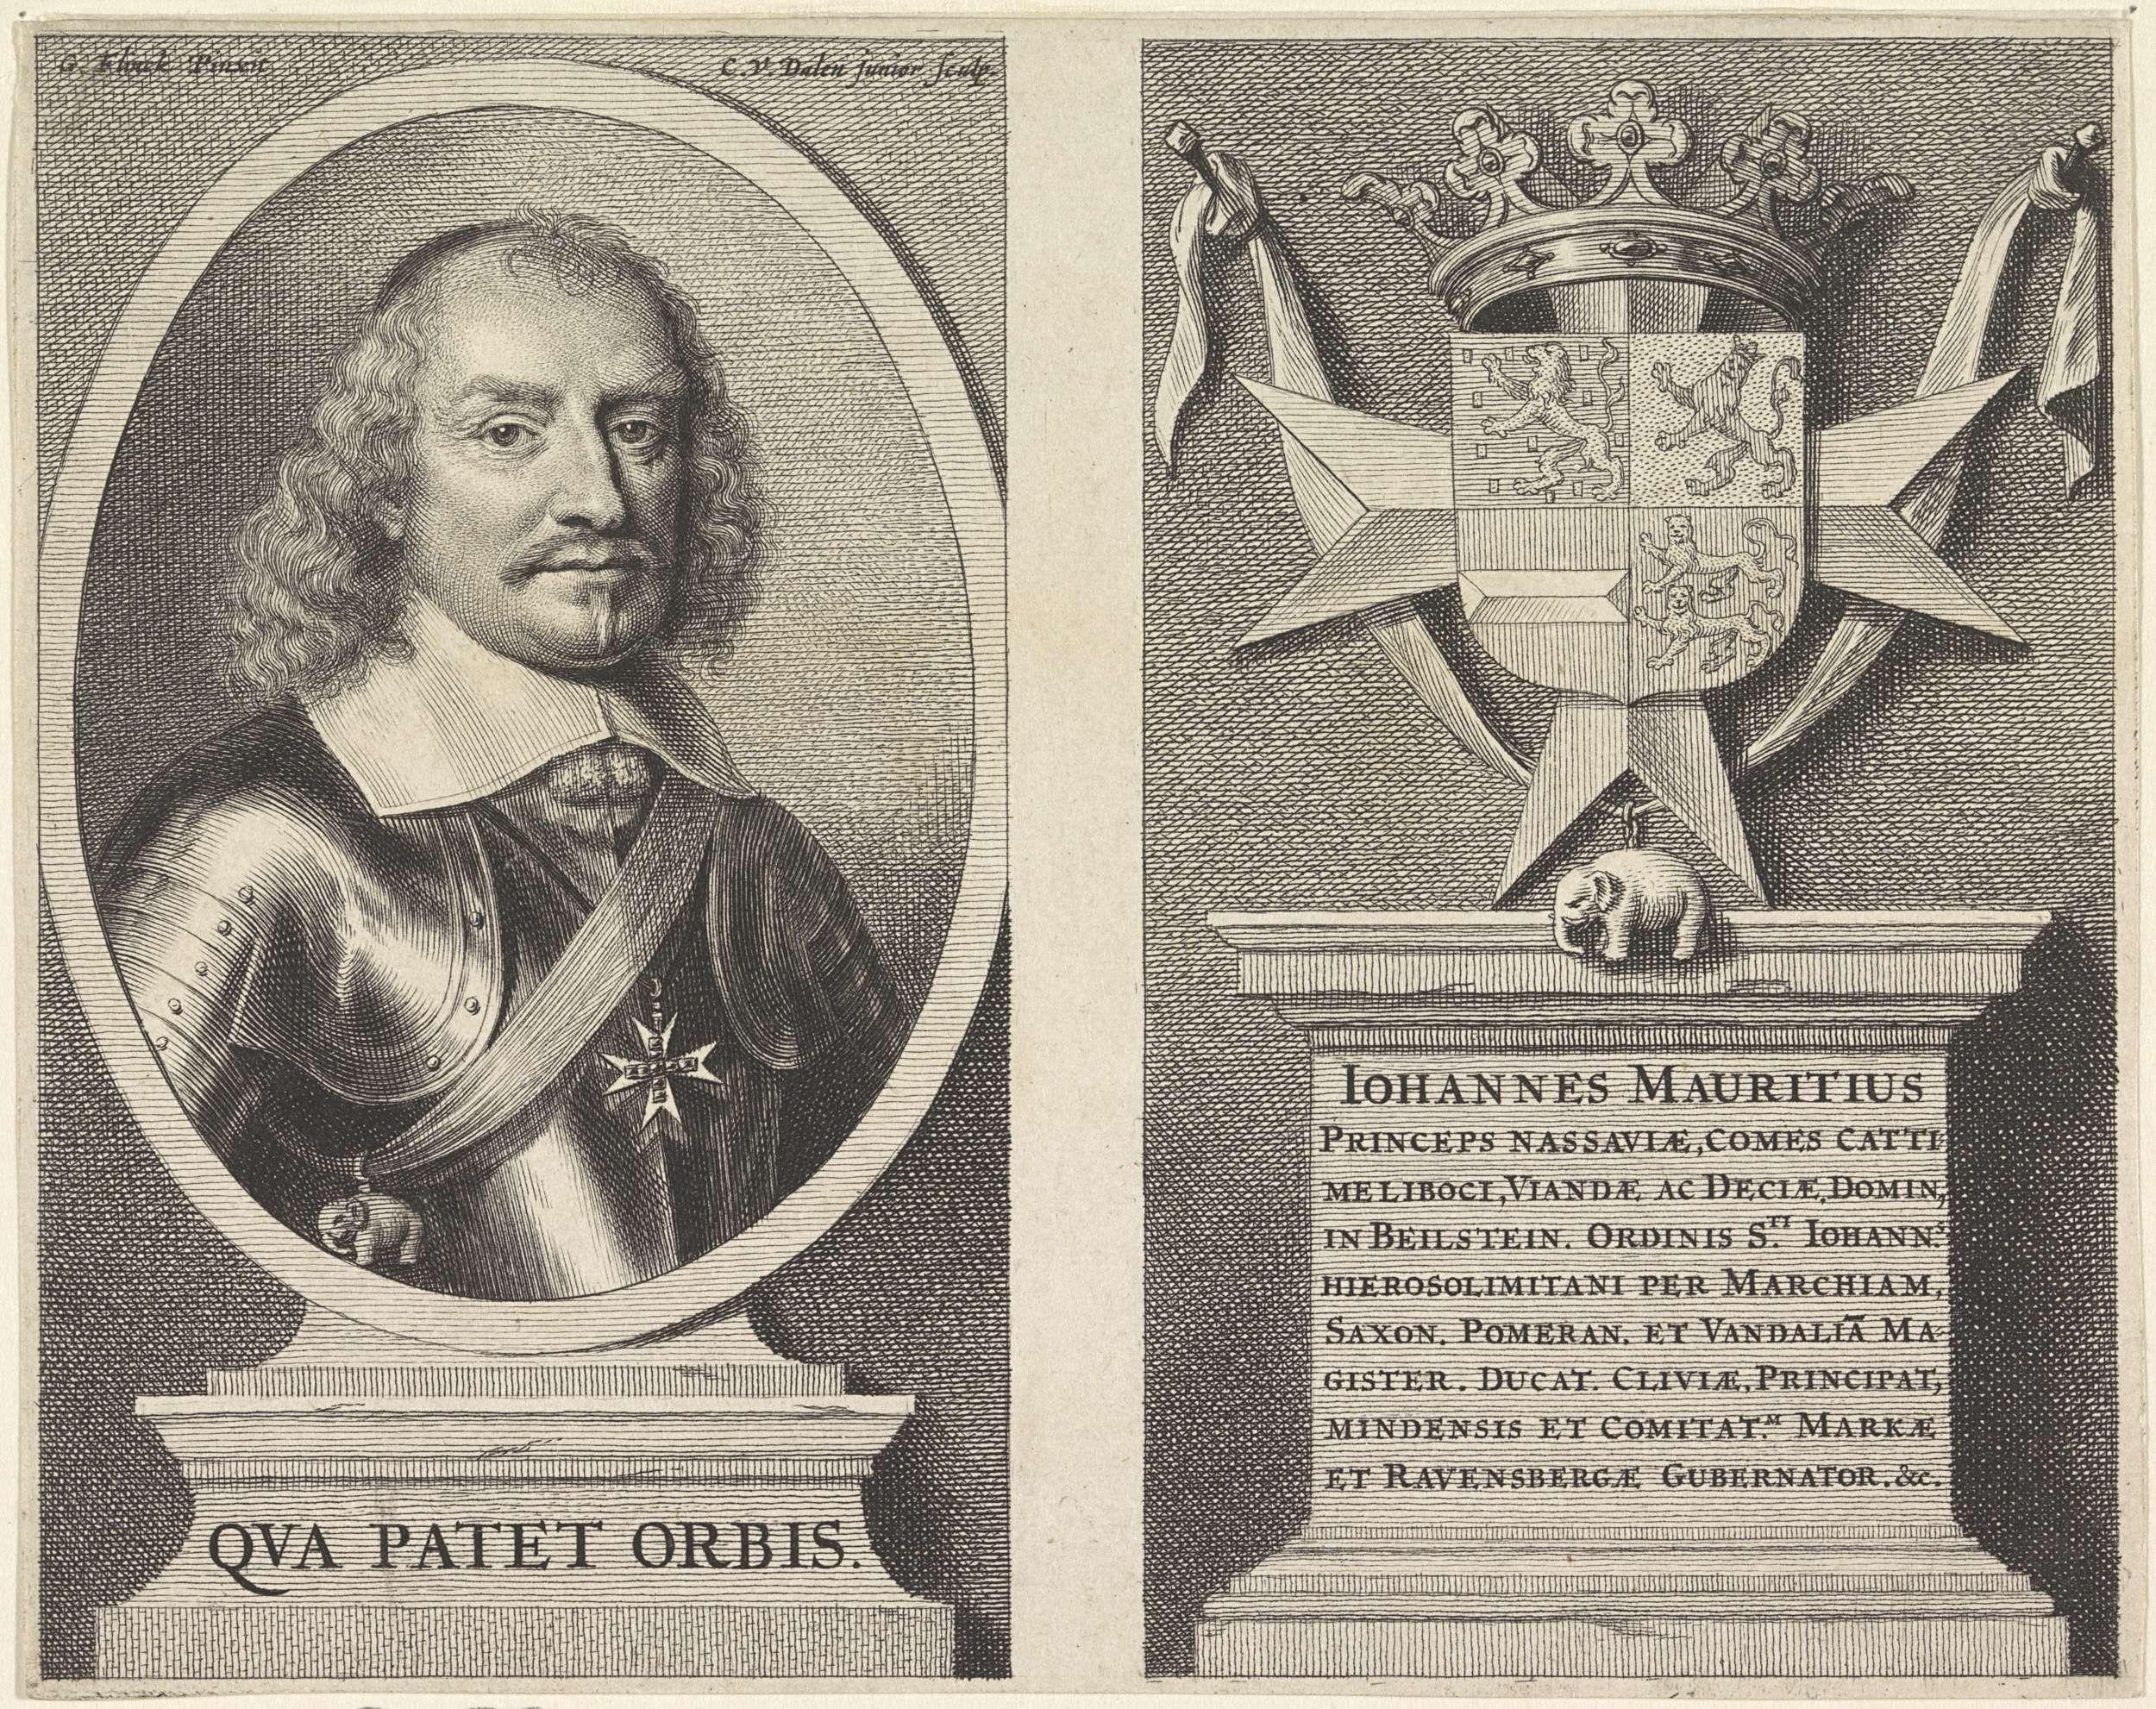 Cornelis van Dalen (II) | Portret van Johan Maurits, graaf van Nassau-Siegen, Cornelis van Dalen (II), 1655 - 1659 | Portret van Johan Maurits in een ovaal links. Op een voetstuk een regel Latijnse tekst. Zijn wapen met een kroon rechts. Op een voetstuk negen regels Latijnse tekst.